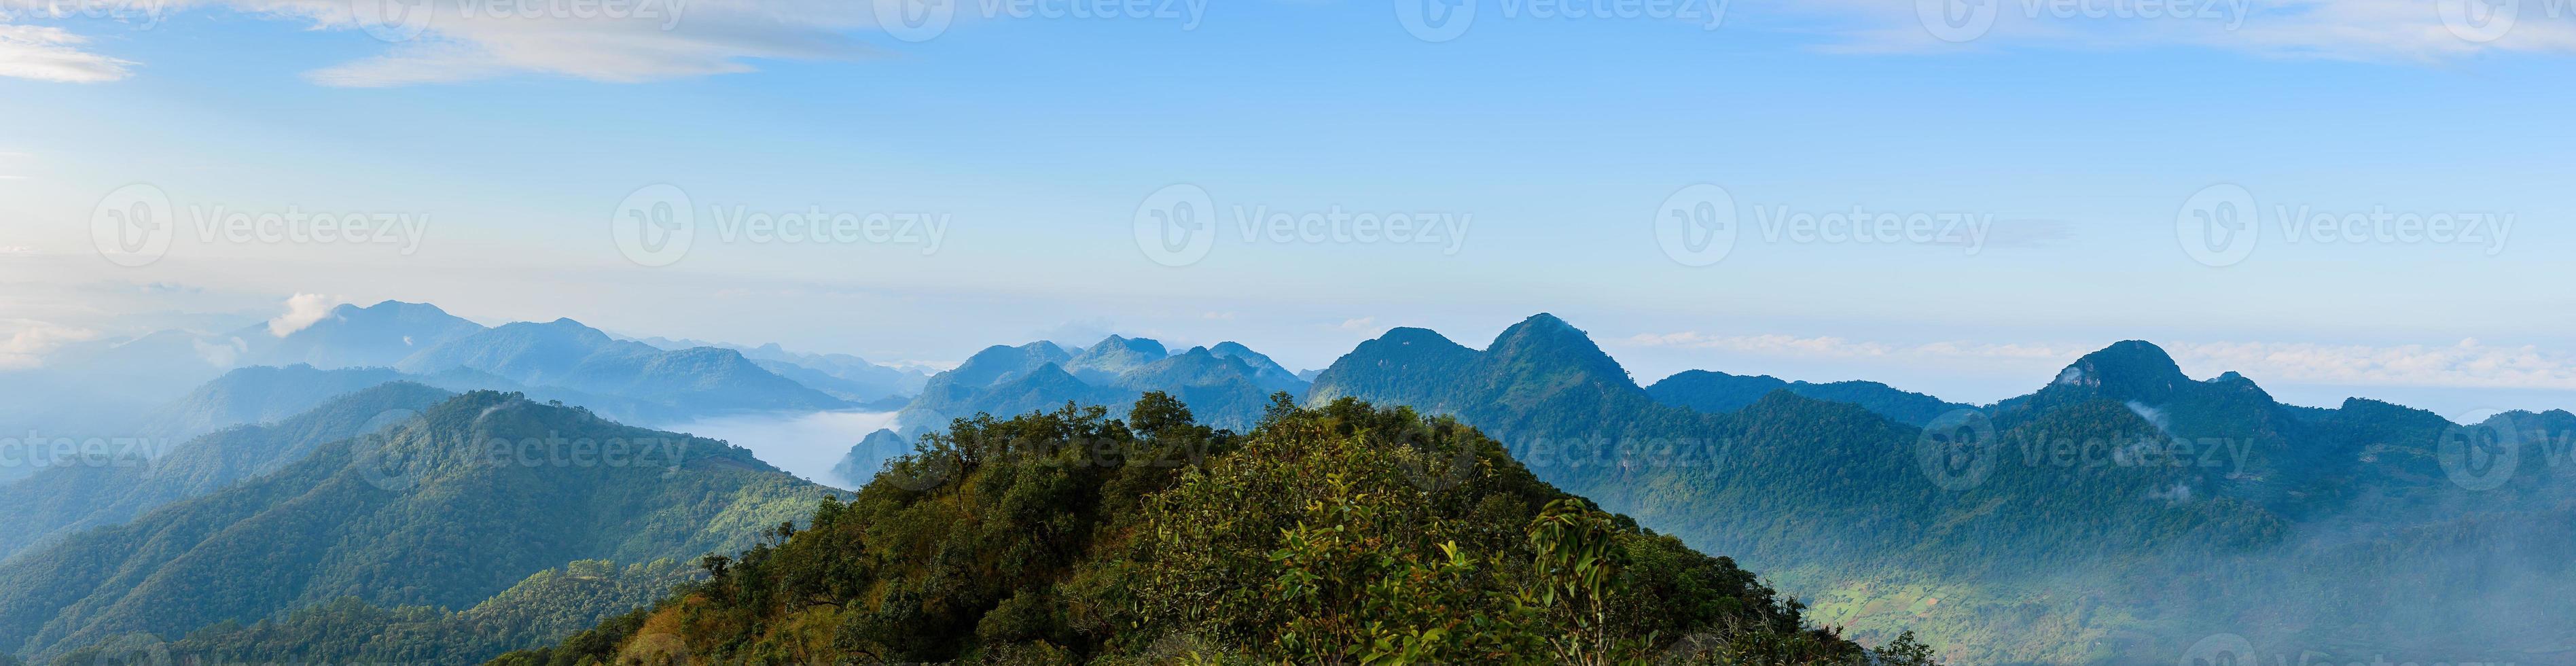 montagnes bleues dans le brouillard photo